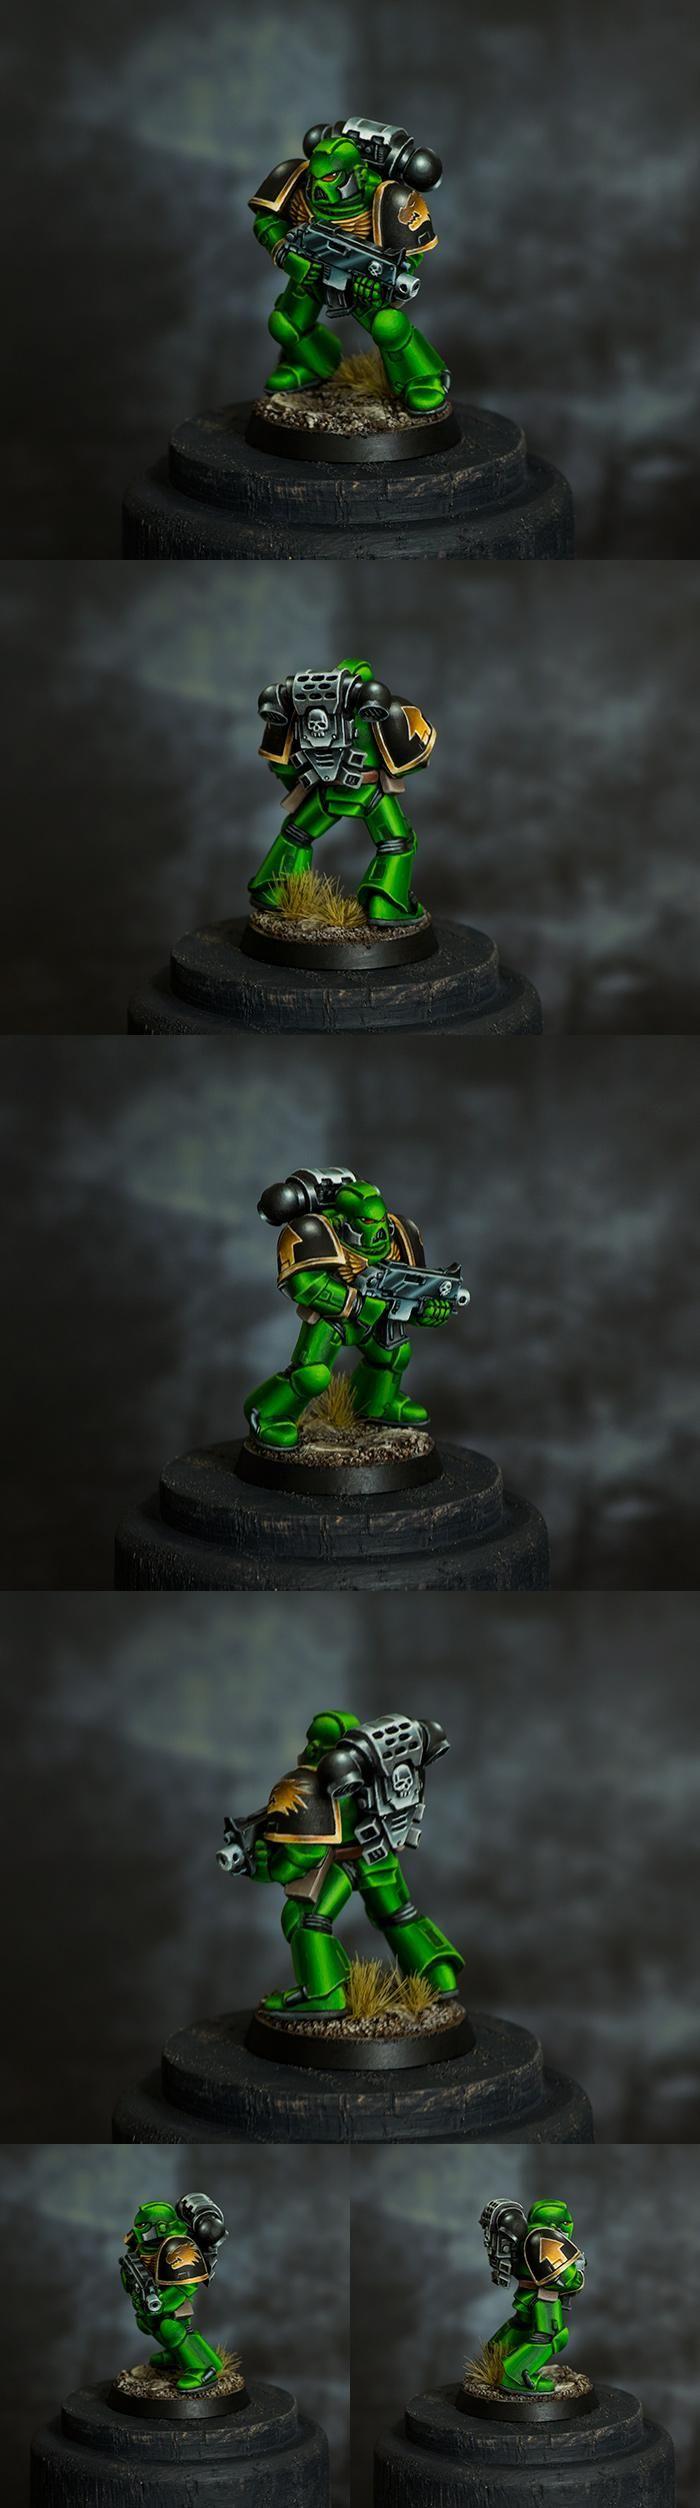 Hendarion, Non Metal Metal Painting, Salamanders, Space Marines